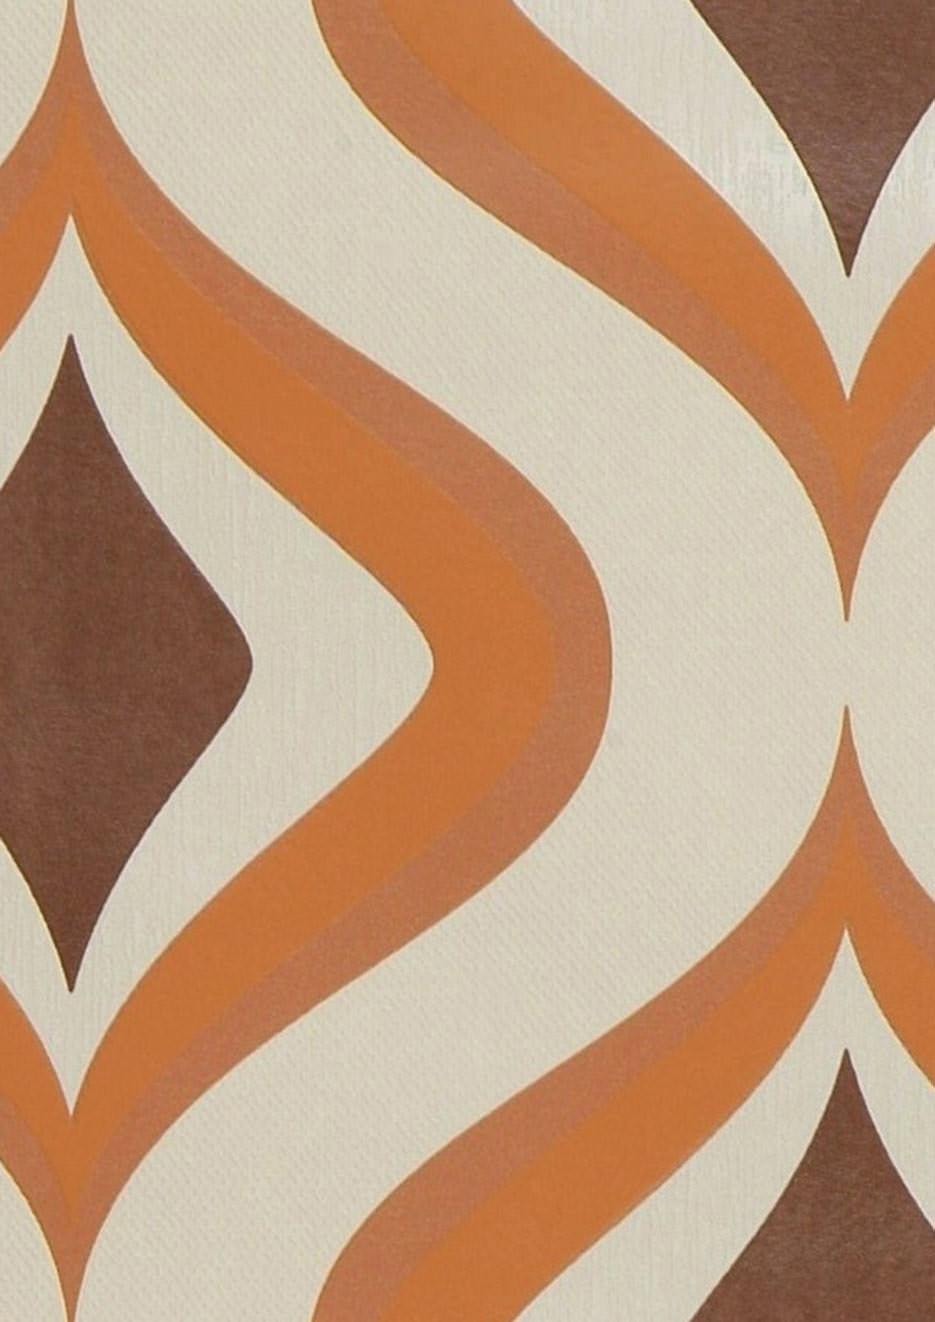 tapete triton hellelfenbein braun orange tapeten der. Black Bedroom Furniture Sets. Home Design Ideas